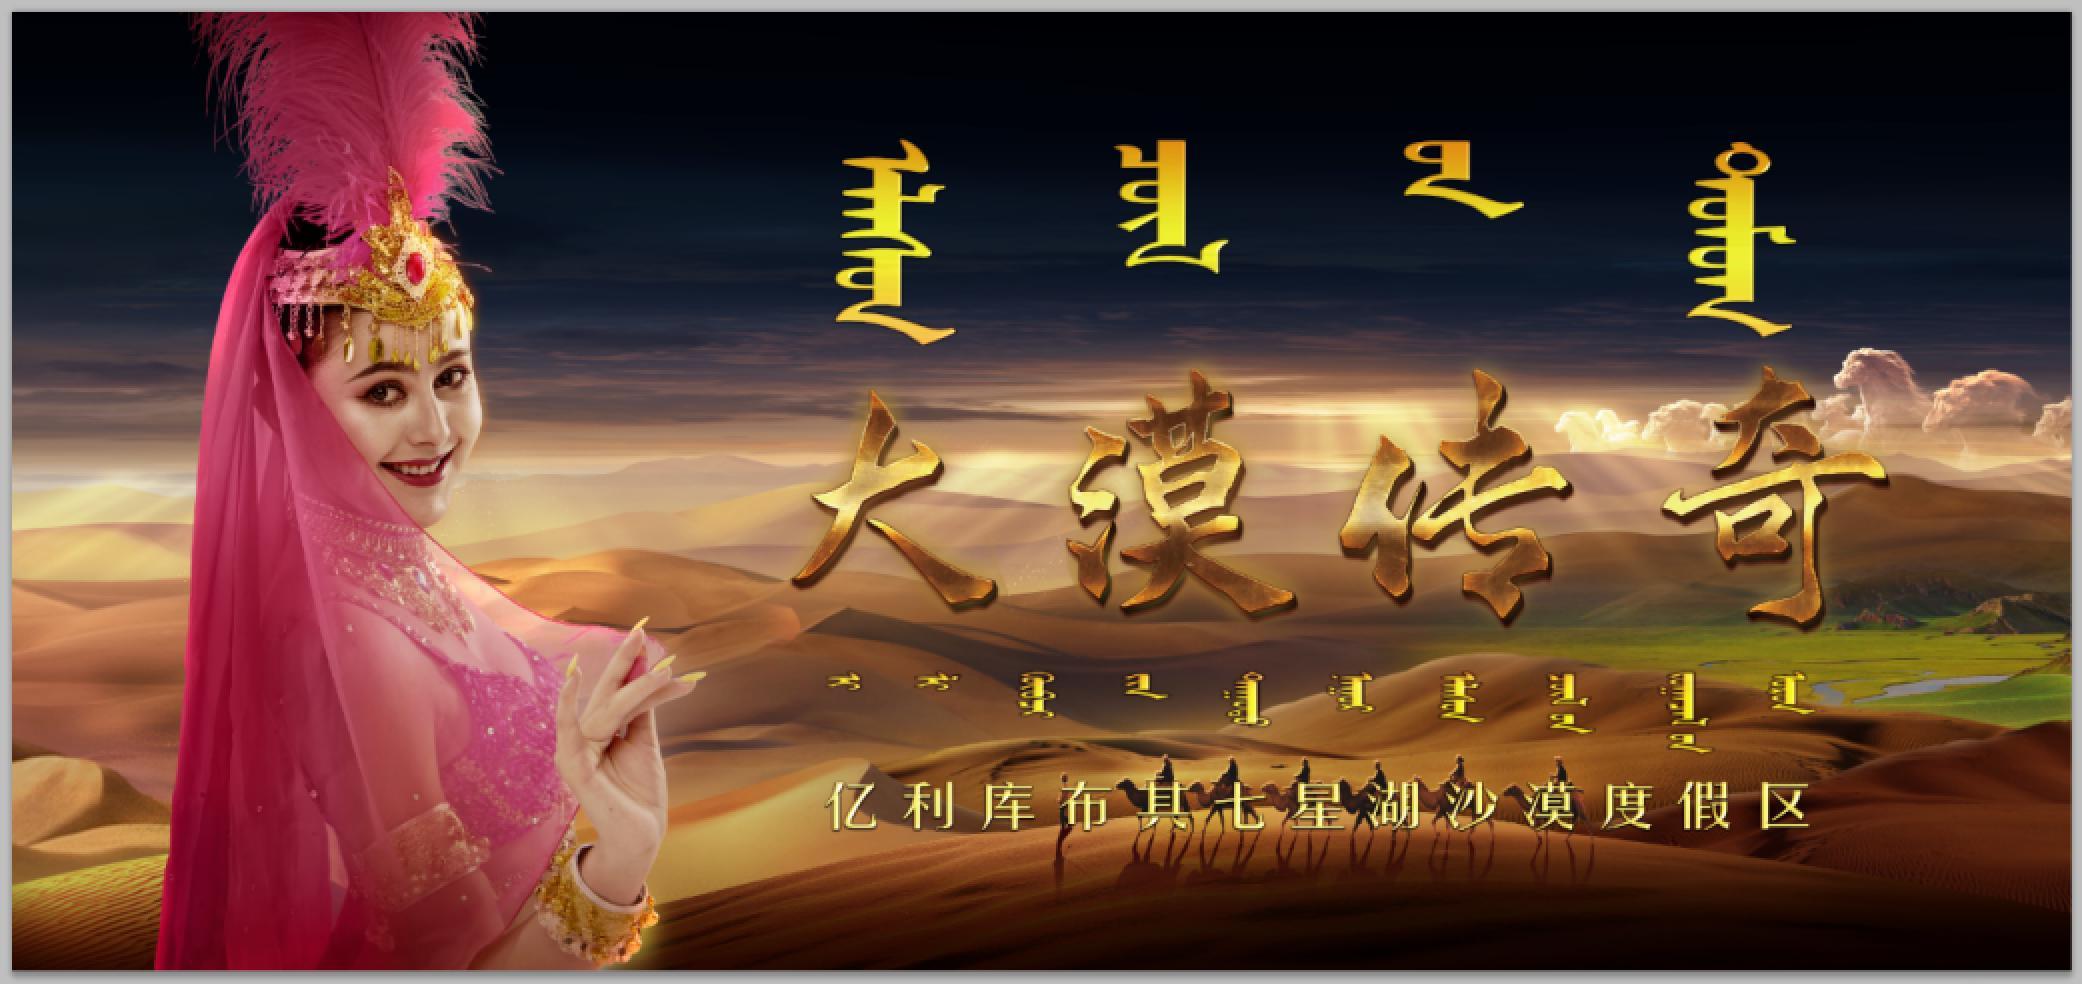 七星湖《大漠传奇》火爆归来,四月邀您一起观花、赏景、看演艺!